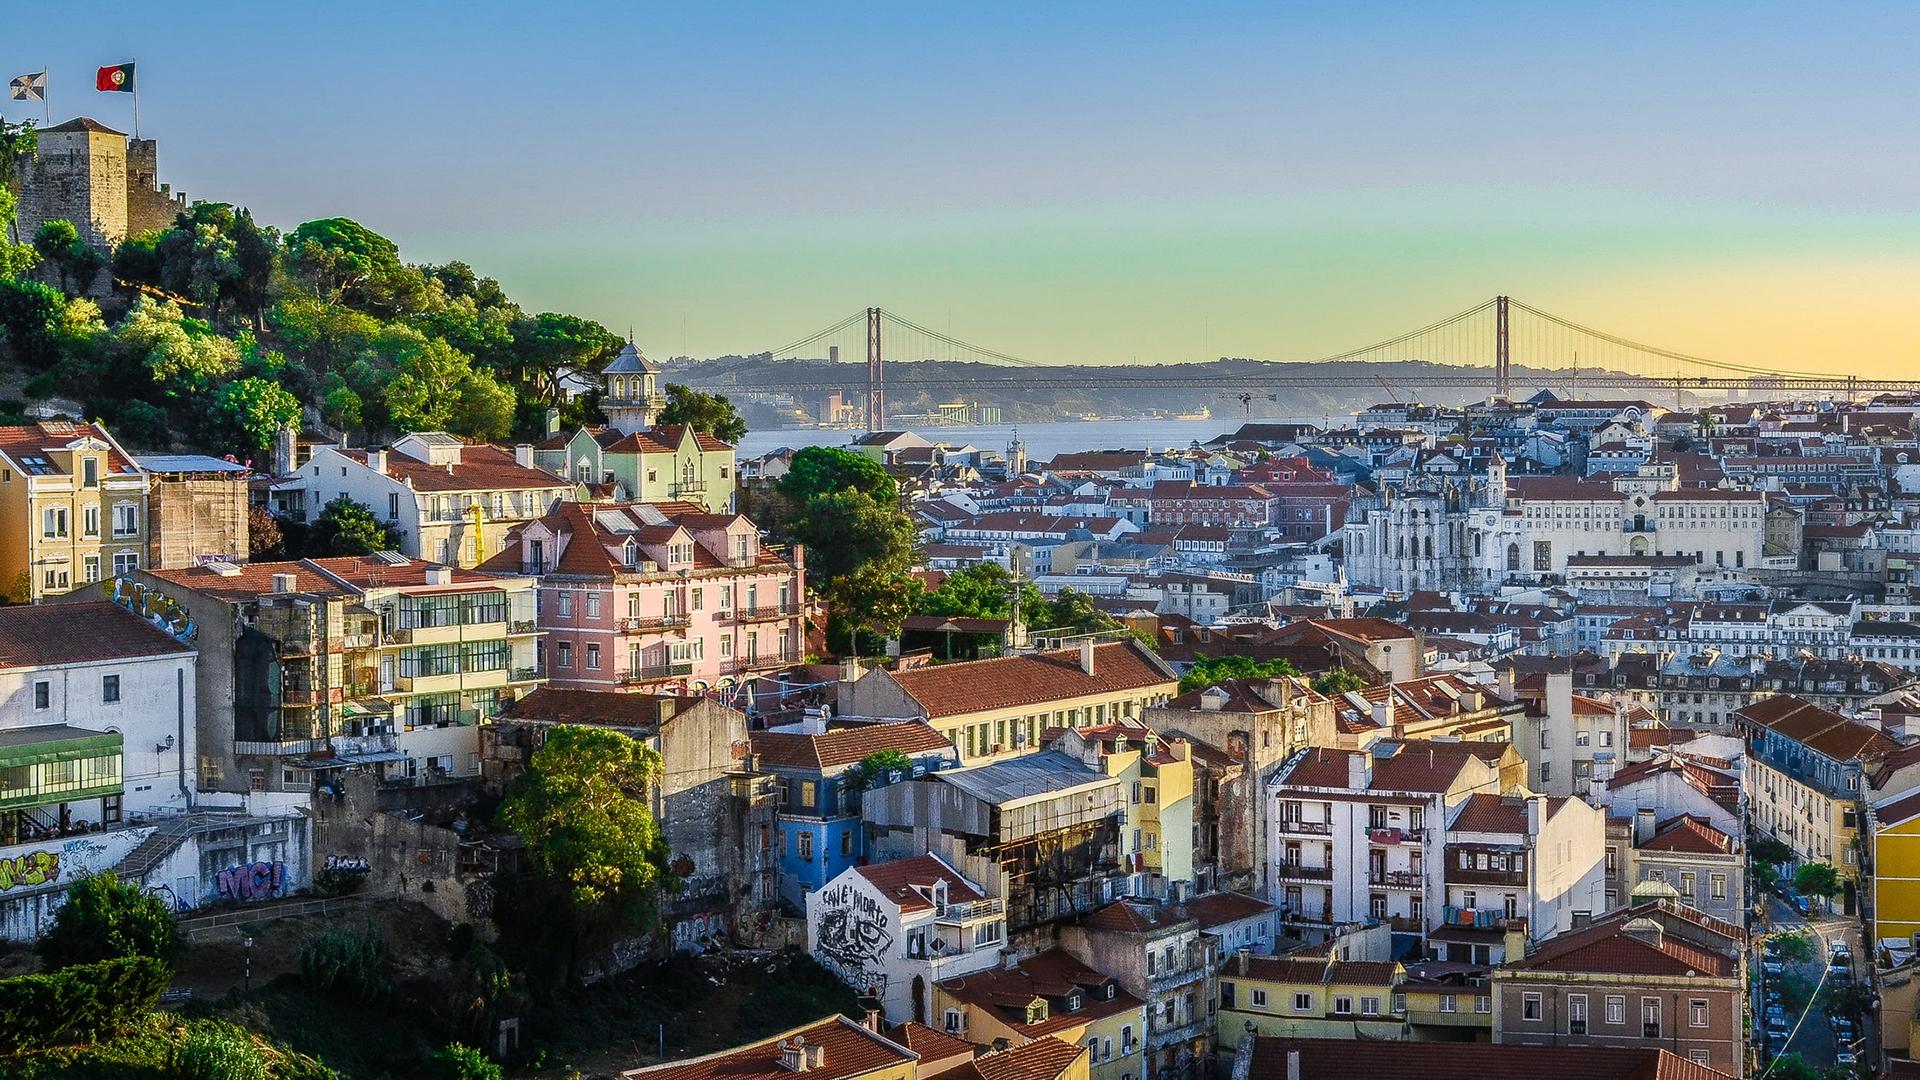 Vistas de Lisboa. Fondo virtual gratuito para Zoom, Microsoft Teams, Skype, Google Meet, WebEx o cualquier otra aplicación compatible.